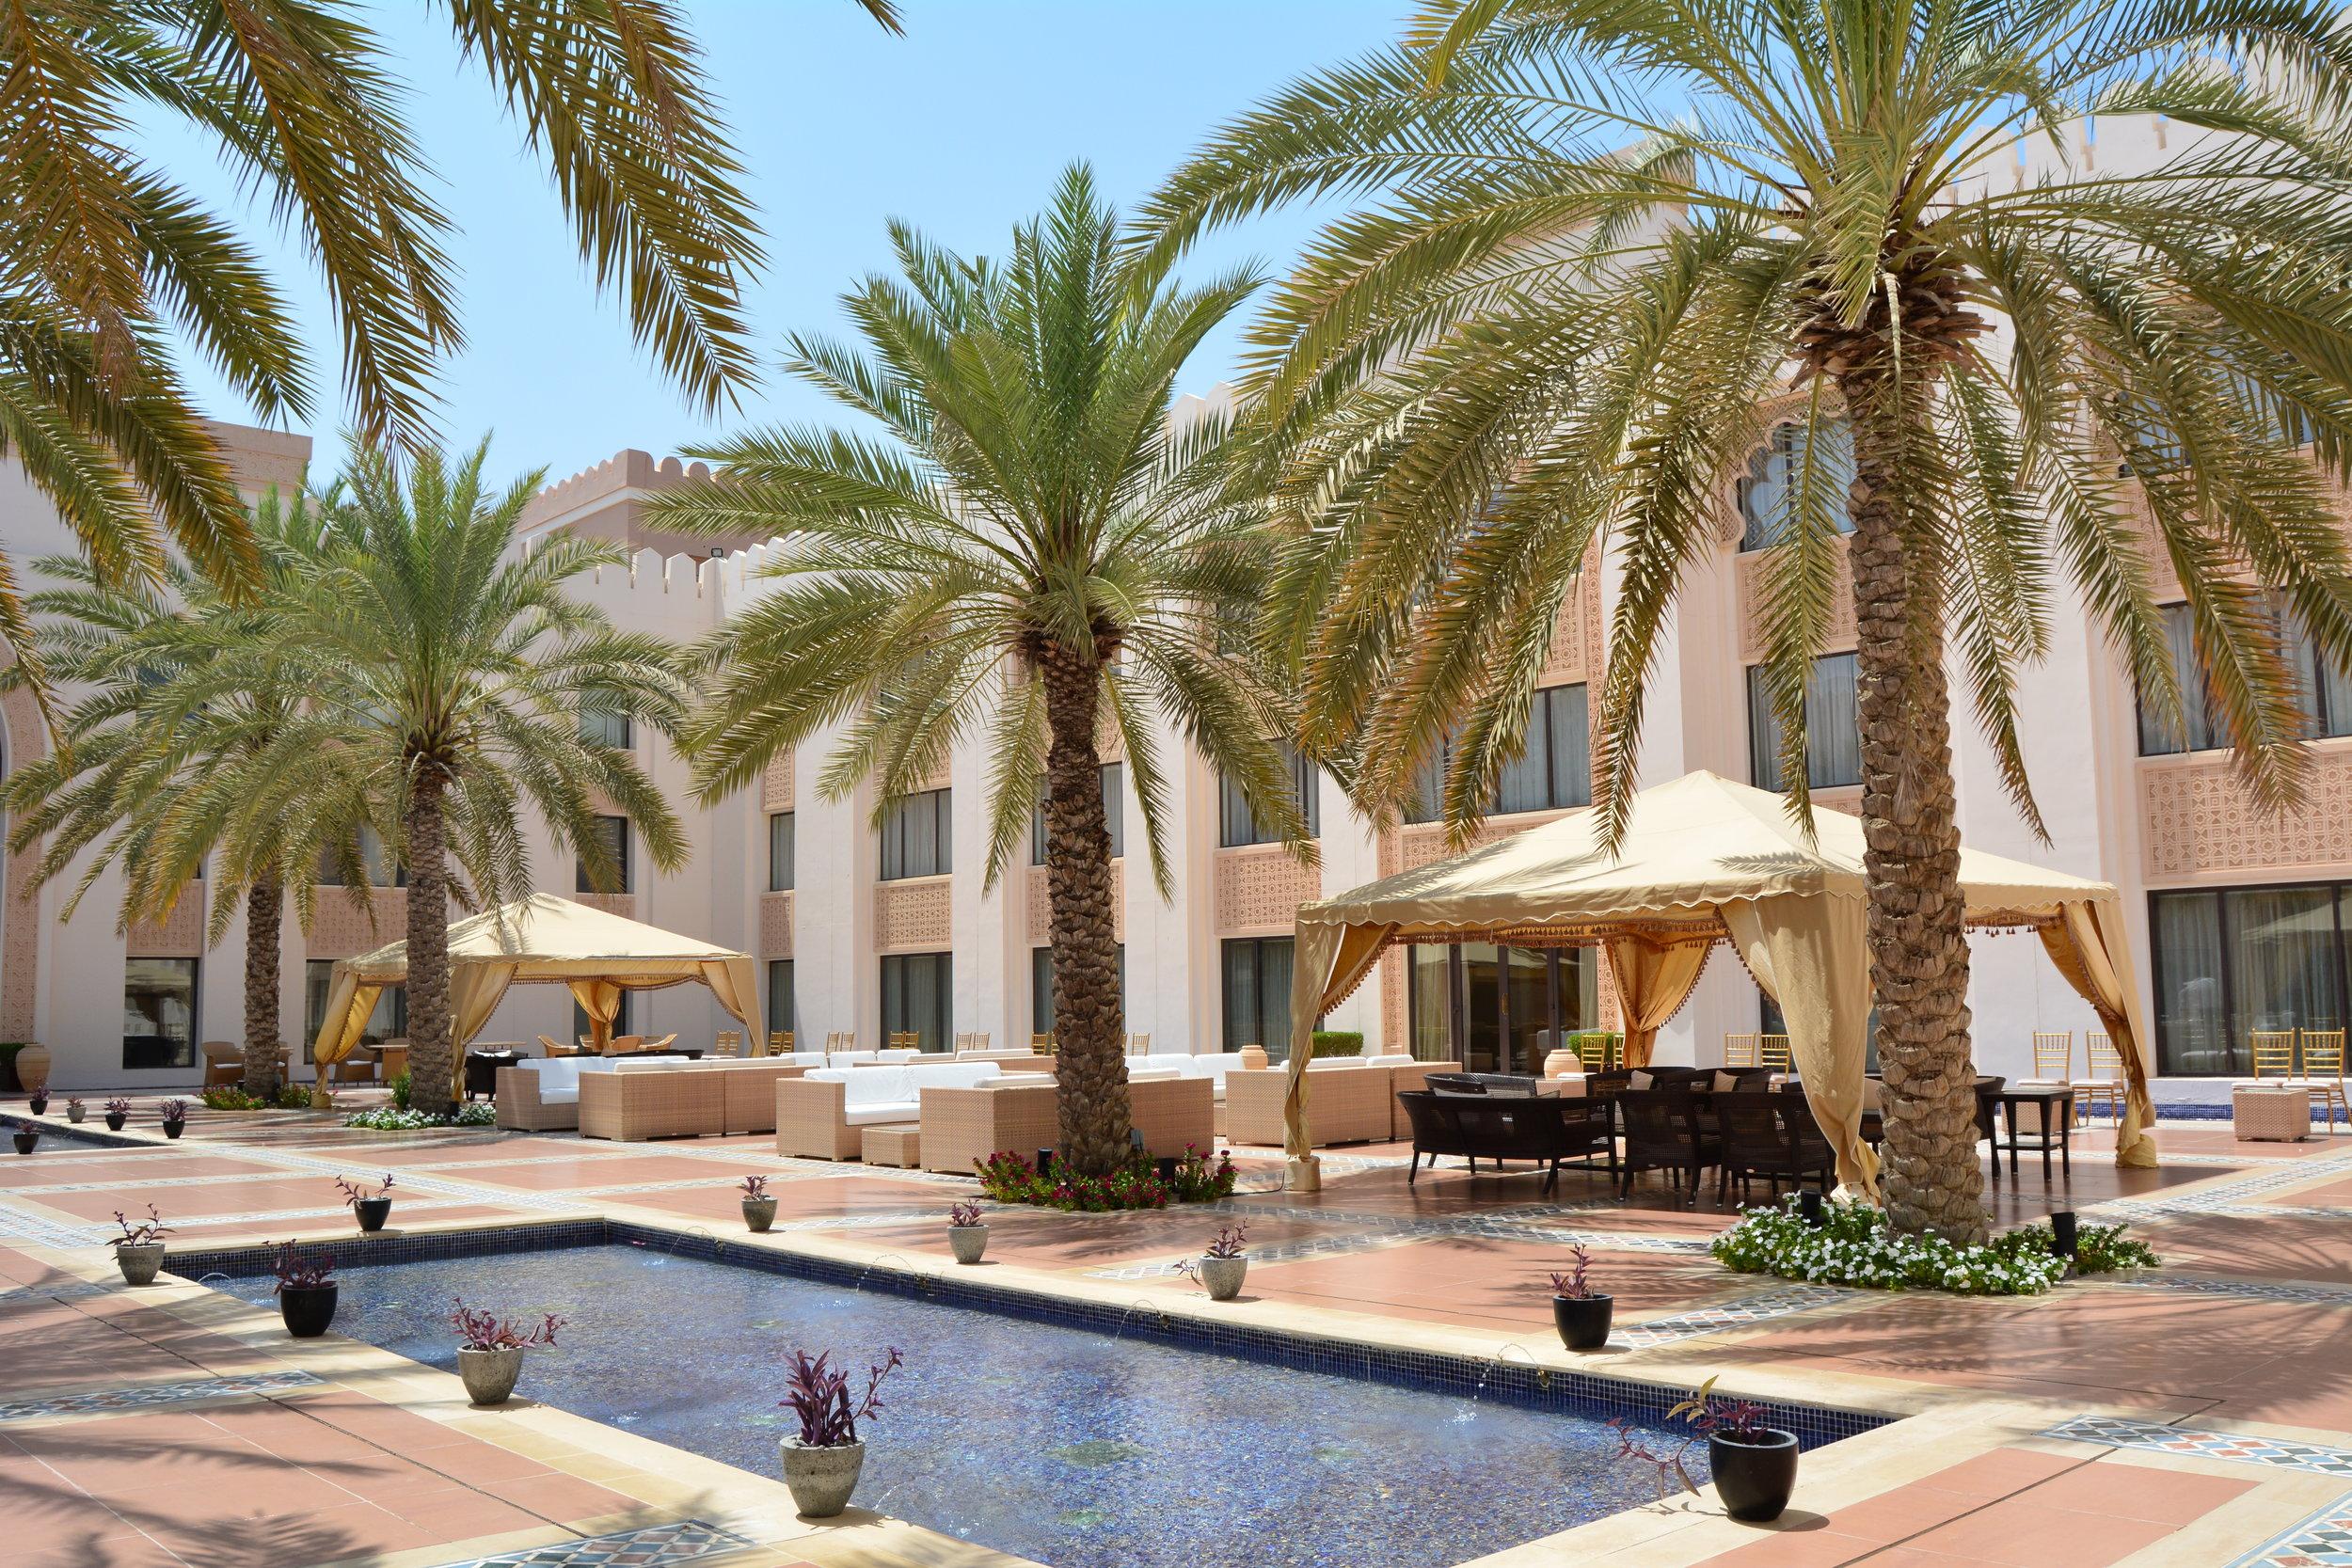 Al Husn - Pre-Dinner Cocktails (Shangri-La Muscat)